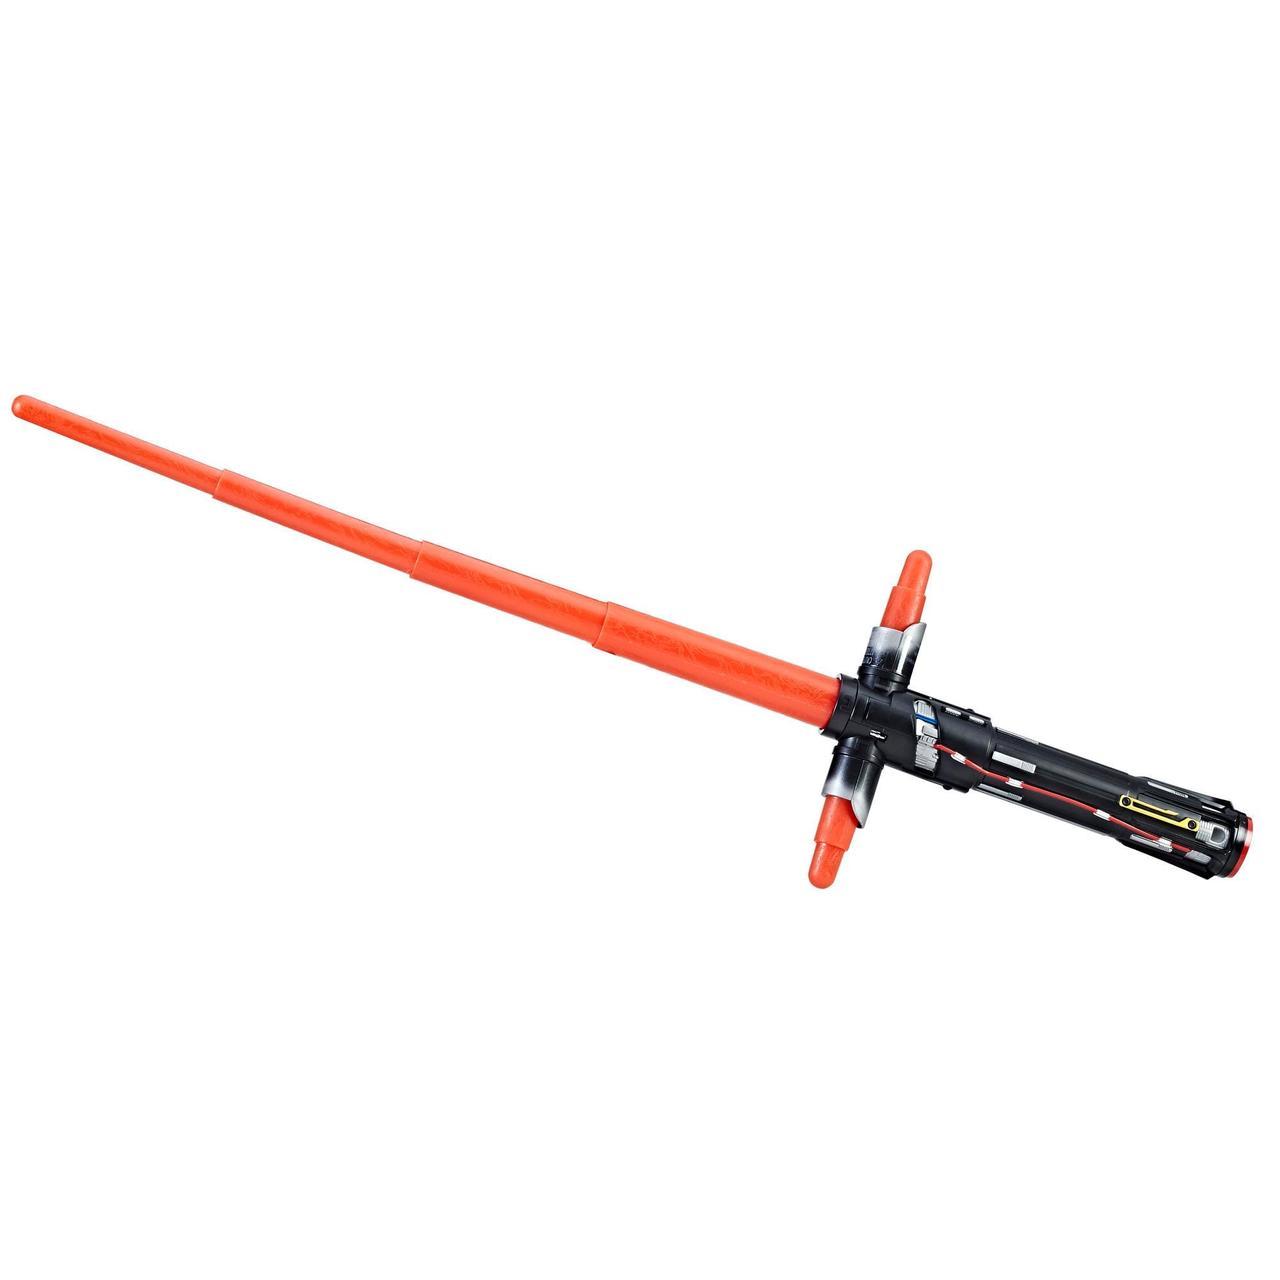 Купить Раздвижной cветовой меч Star Wars - Виктор 1, эпизод 8, Hasbro